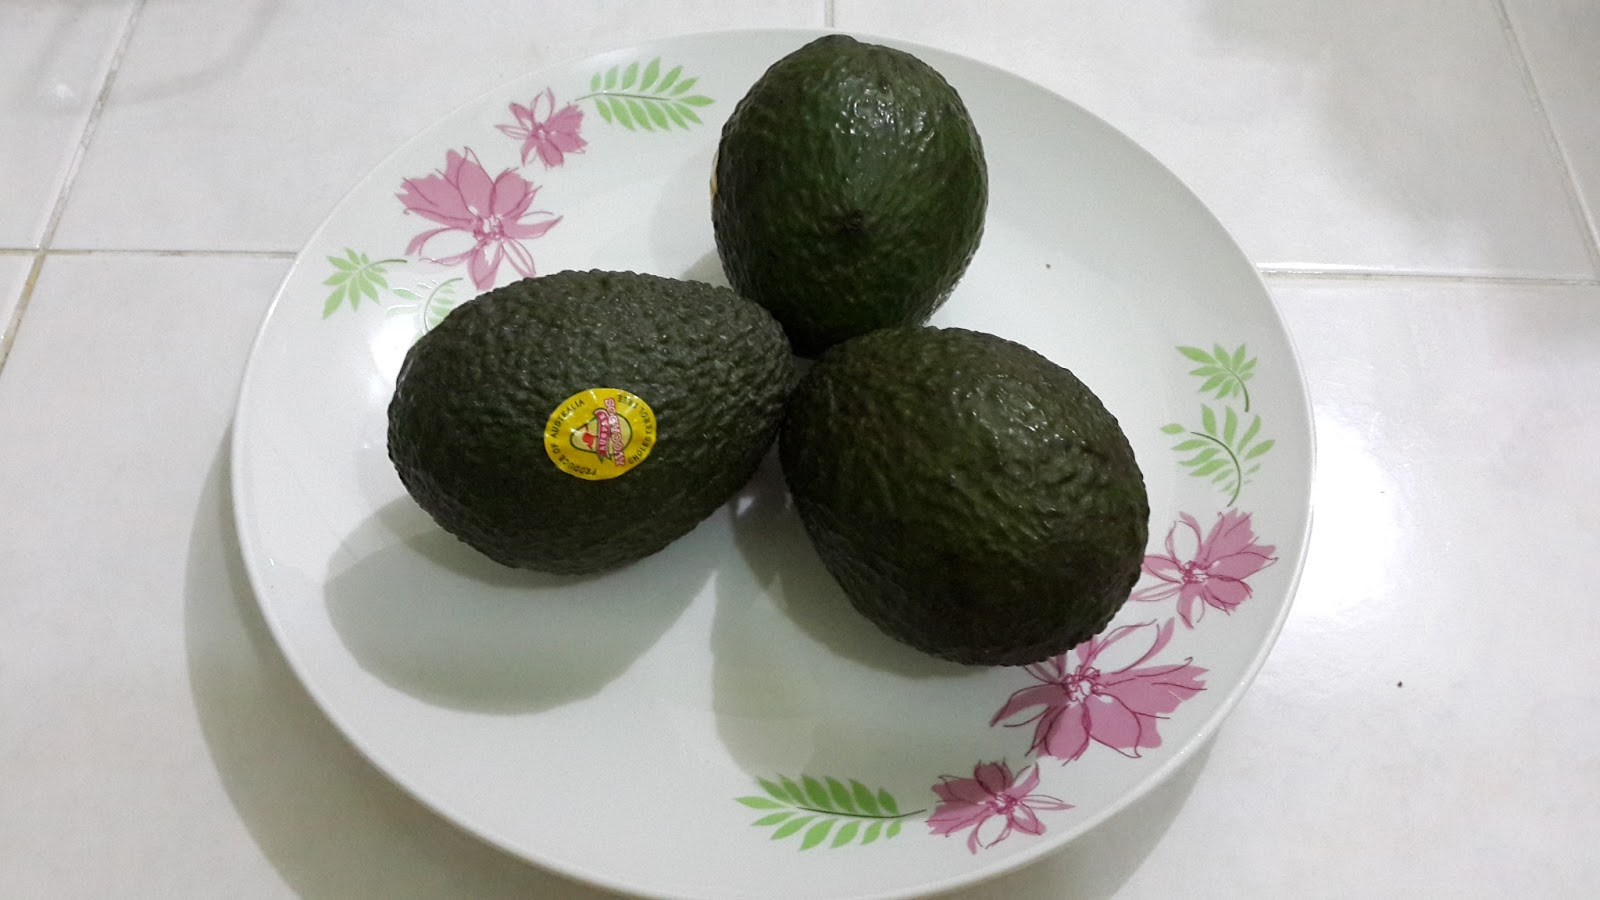 manjaku little qalesya teknik teknik memilih avocado